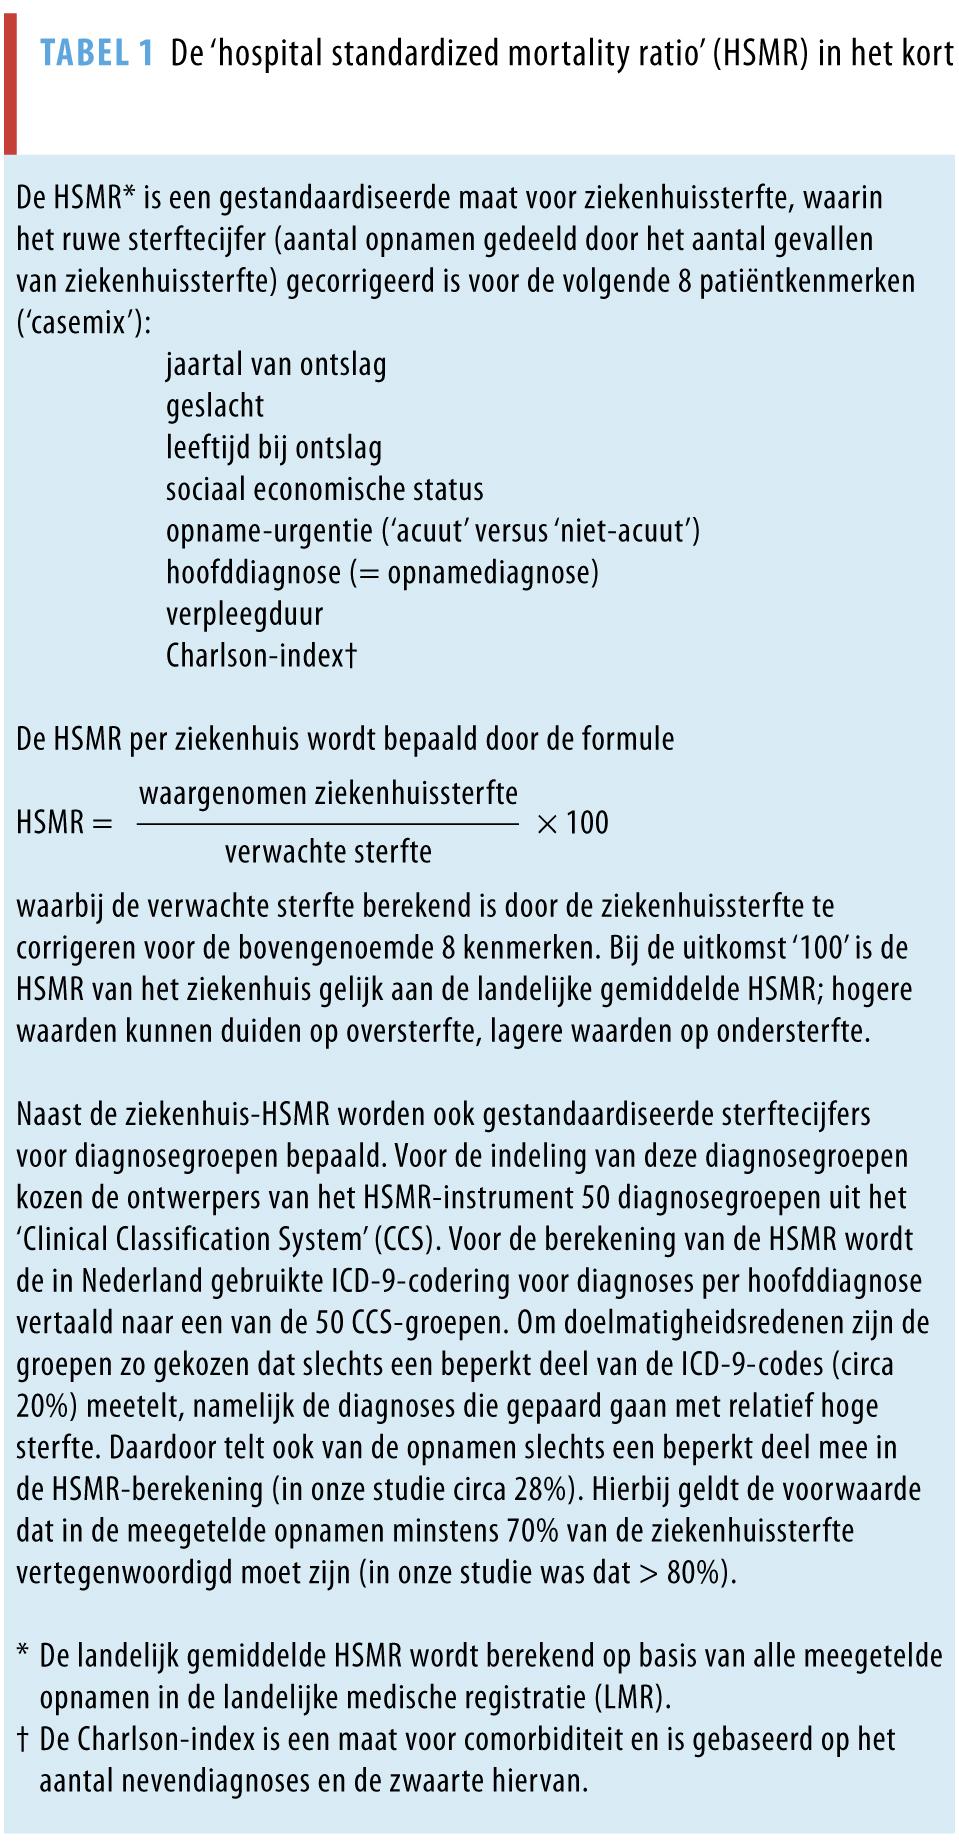 Critici stellen onder meer dat registraties van opnamegegevens in de  Landelijke Medische Registratie (LMR) niet altijd betrouwbaar en consistent  zijn en ...